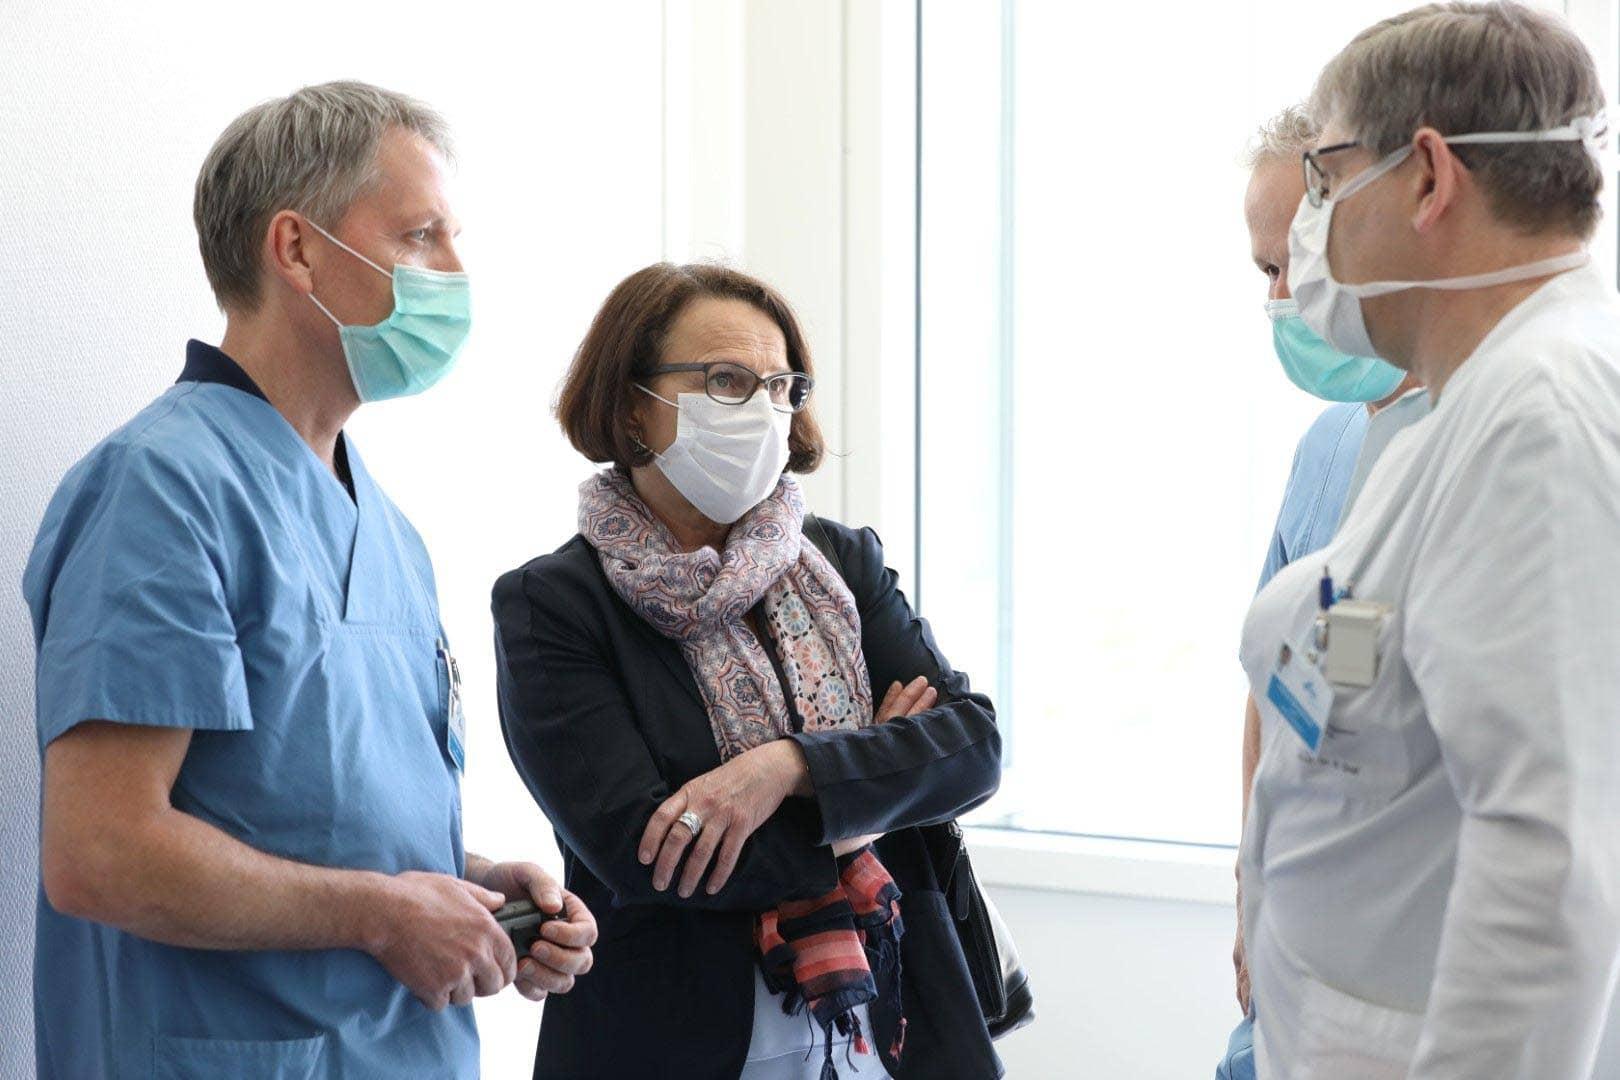 Einblick in den Klinikalltag Bürgermeisterin Gertrud Maltz-Schwarzfischer besucht Uniklinikum